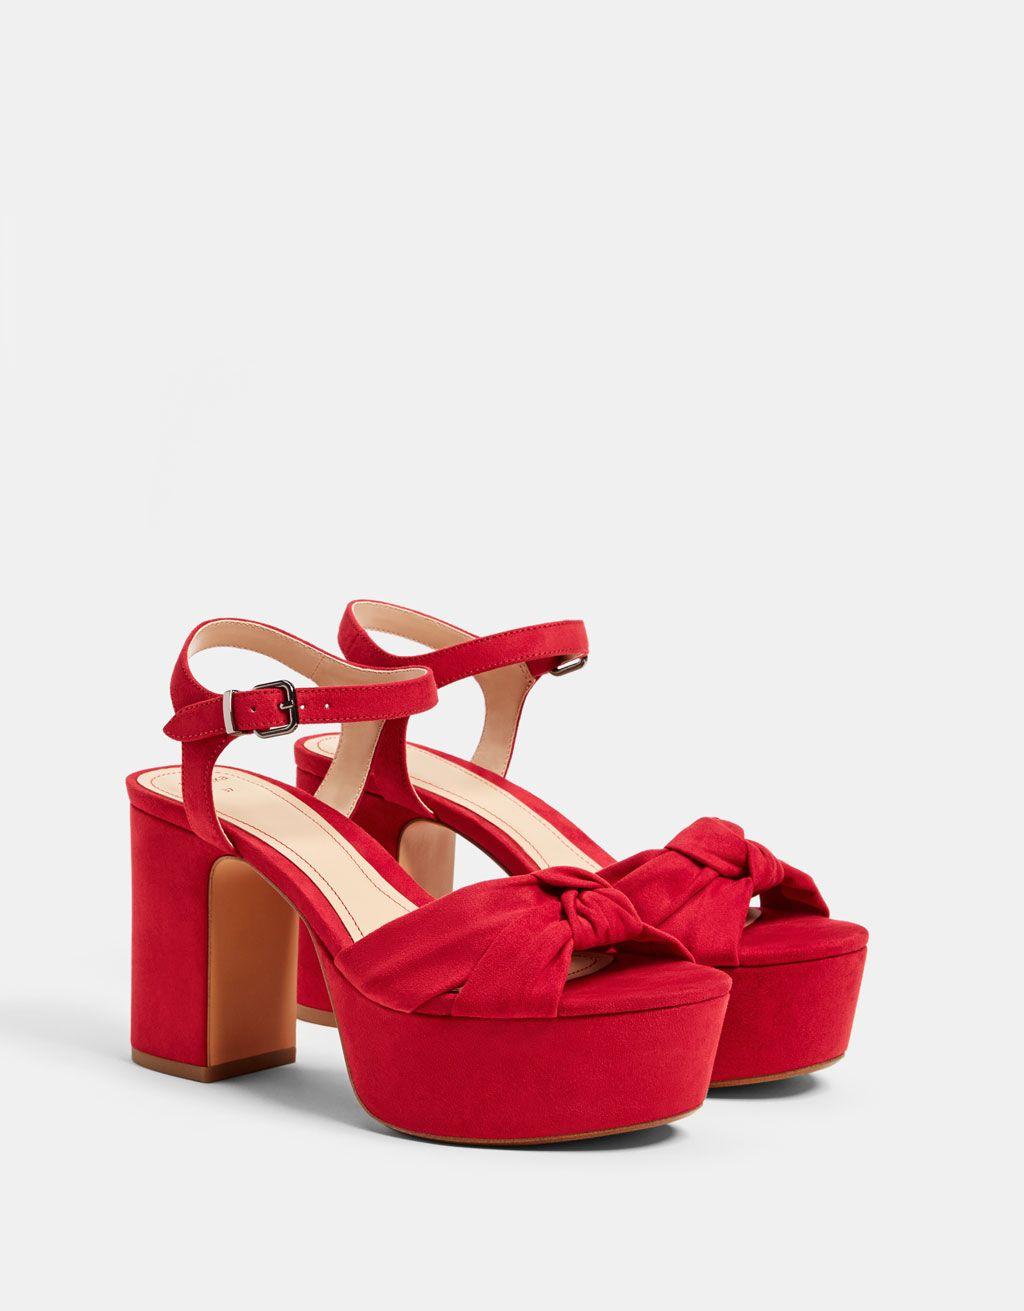 High heel platform sandals. Discover